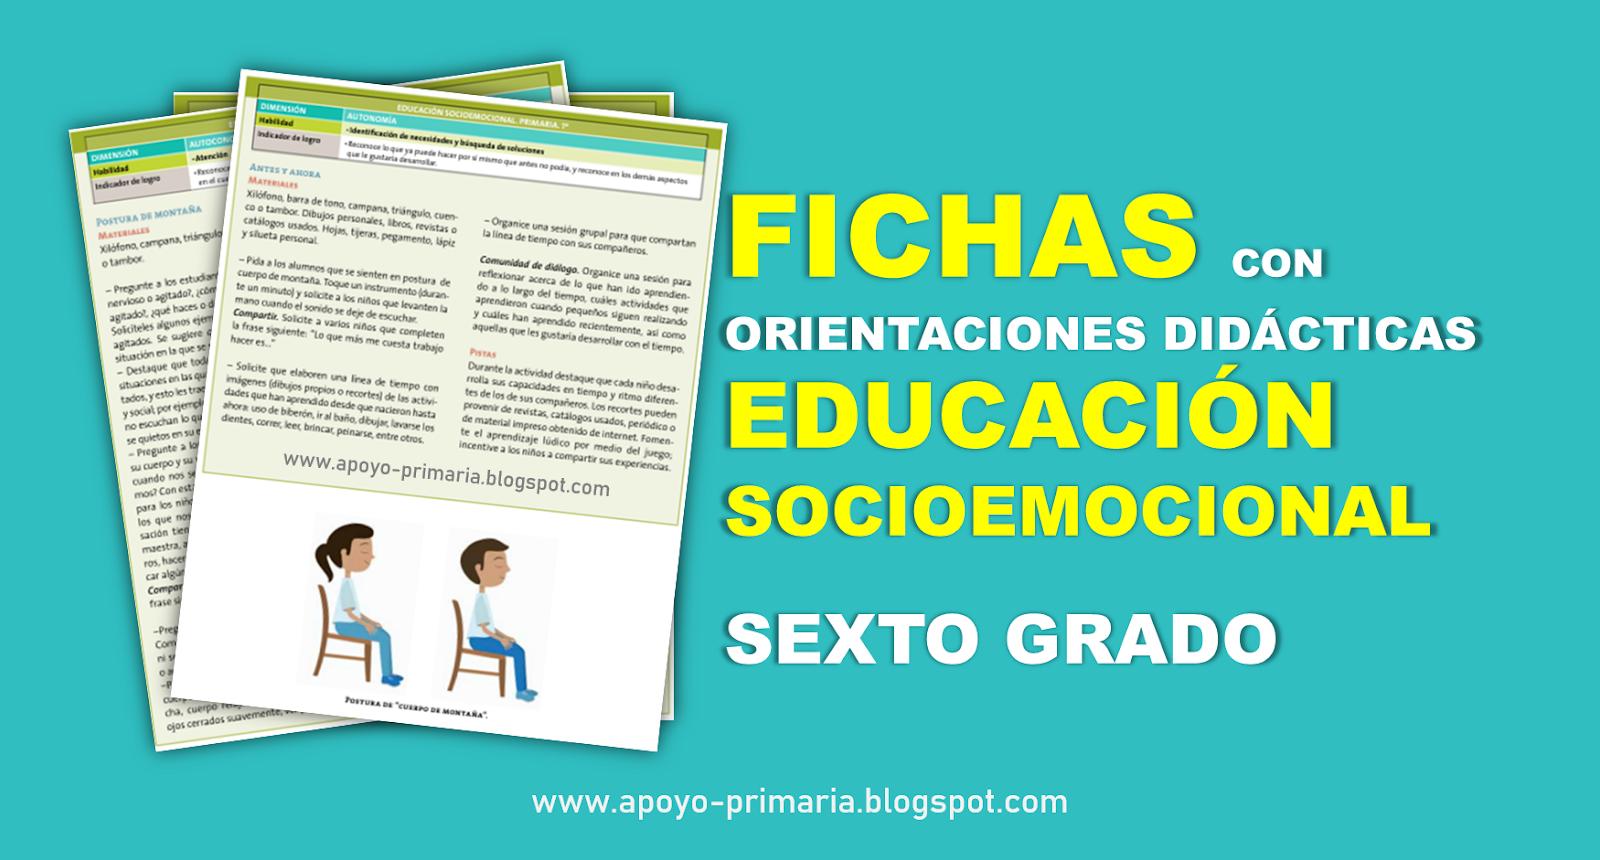 Educación Socioemocional 6to grado